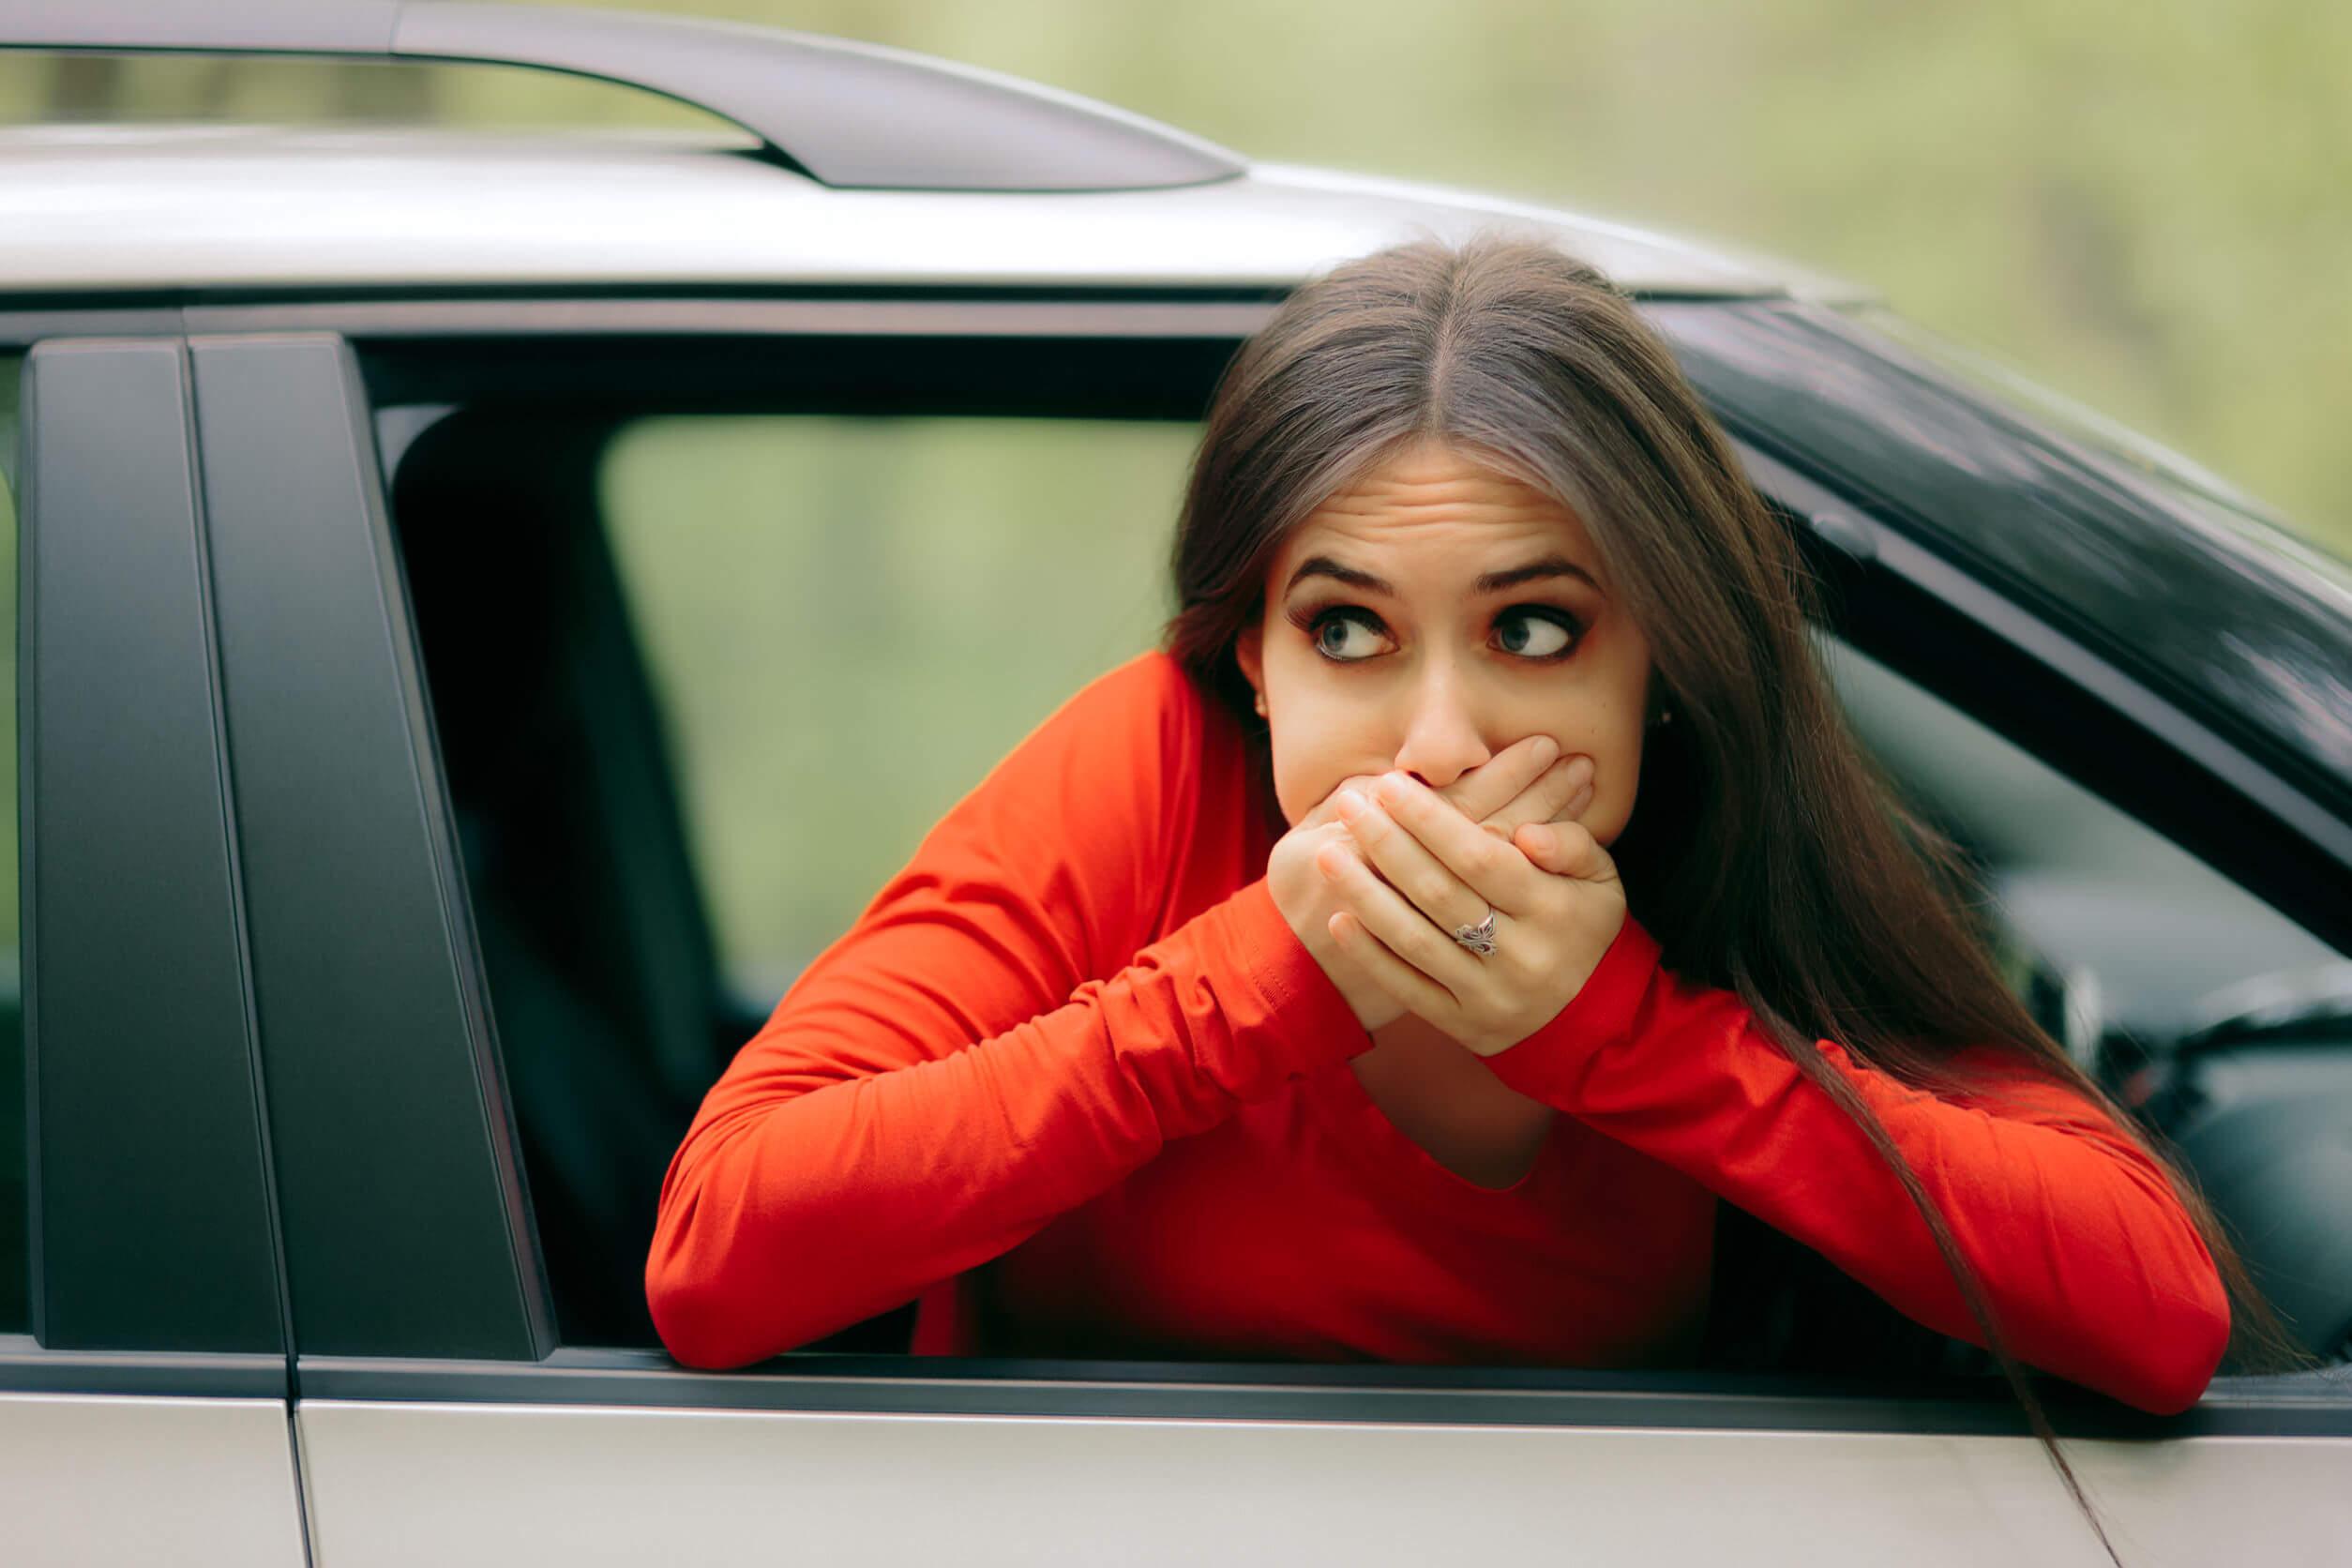 La nausea è uno degli effetti collaterali della pillola anticoncezionale